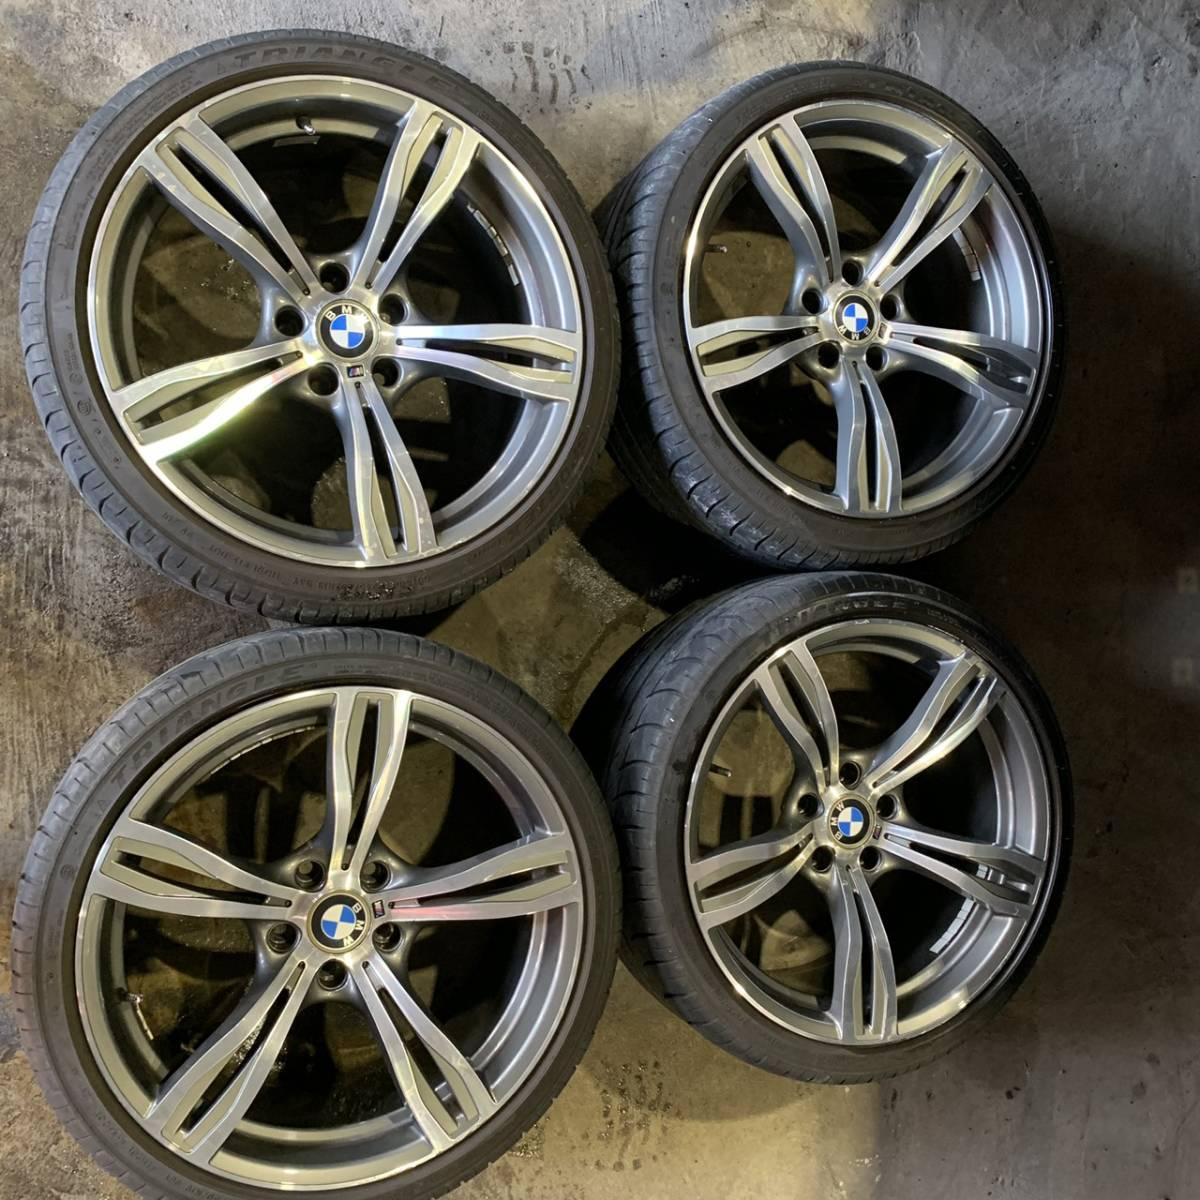 BMW M5仕様 純正仕様 19インチホイール   E60E61F07F10M5M6 _画像10